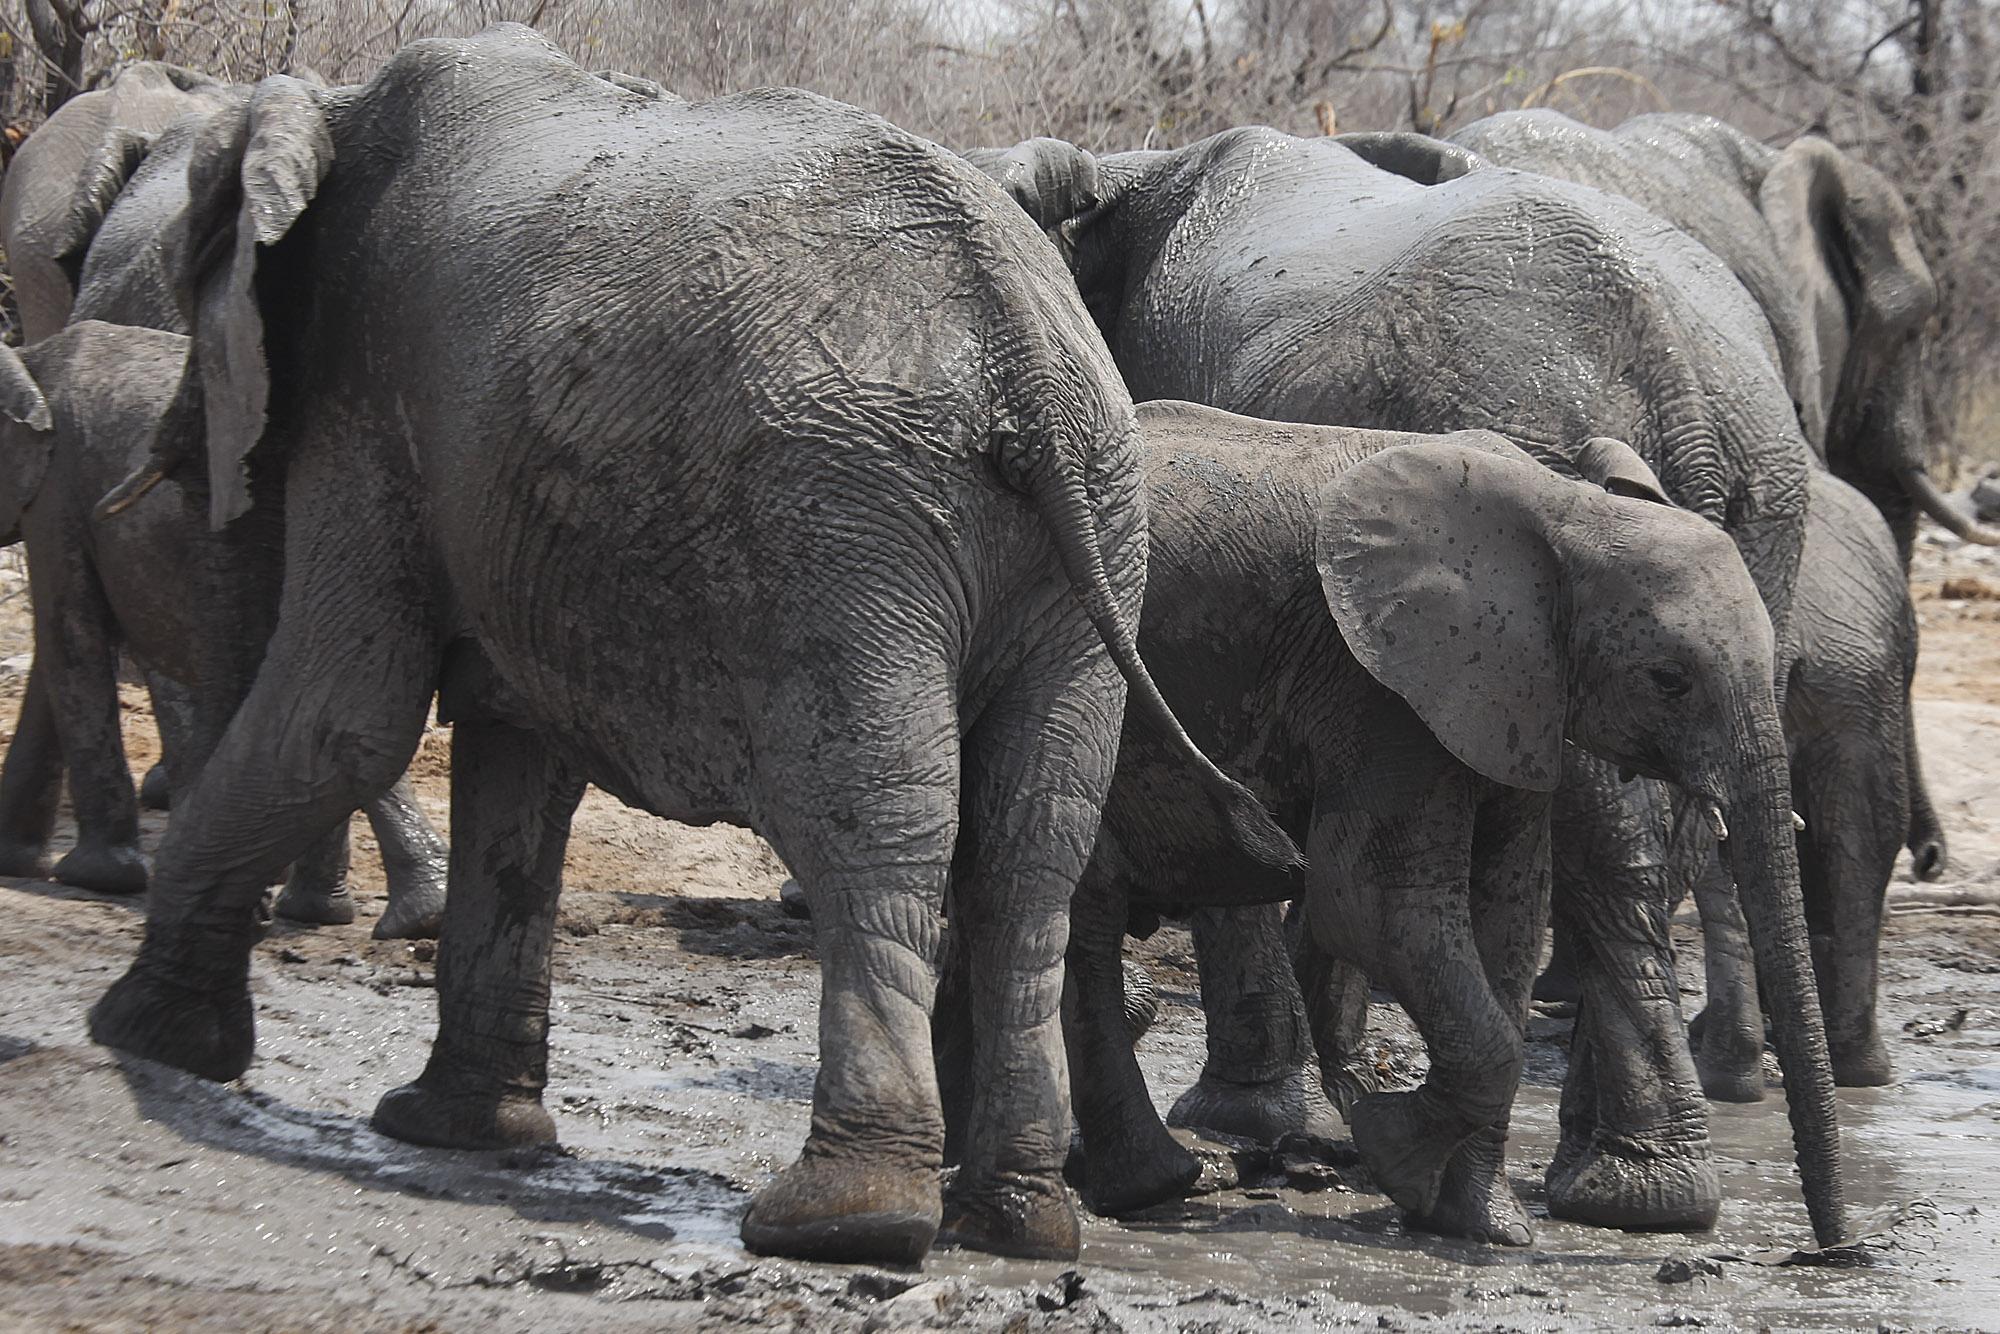 Elephants at Kalkheuwel waterhole